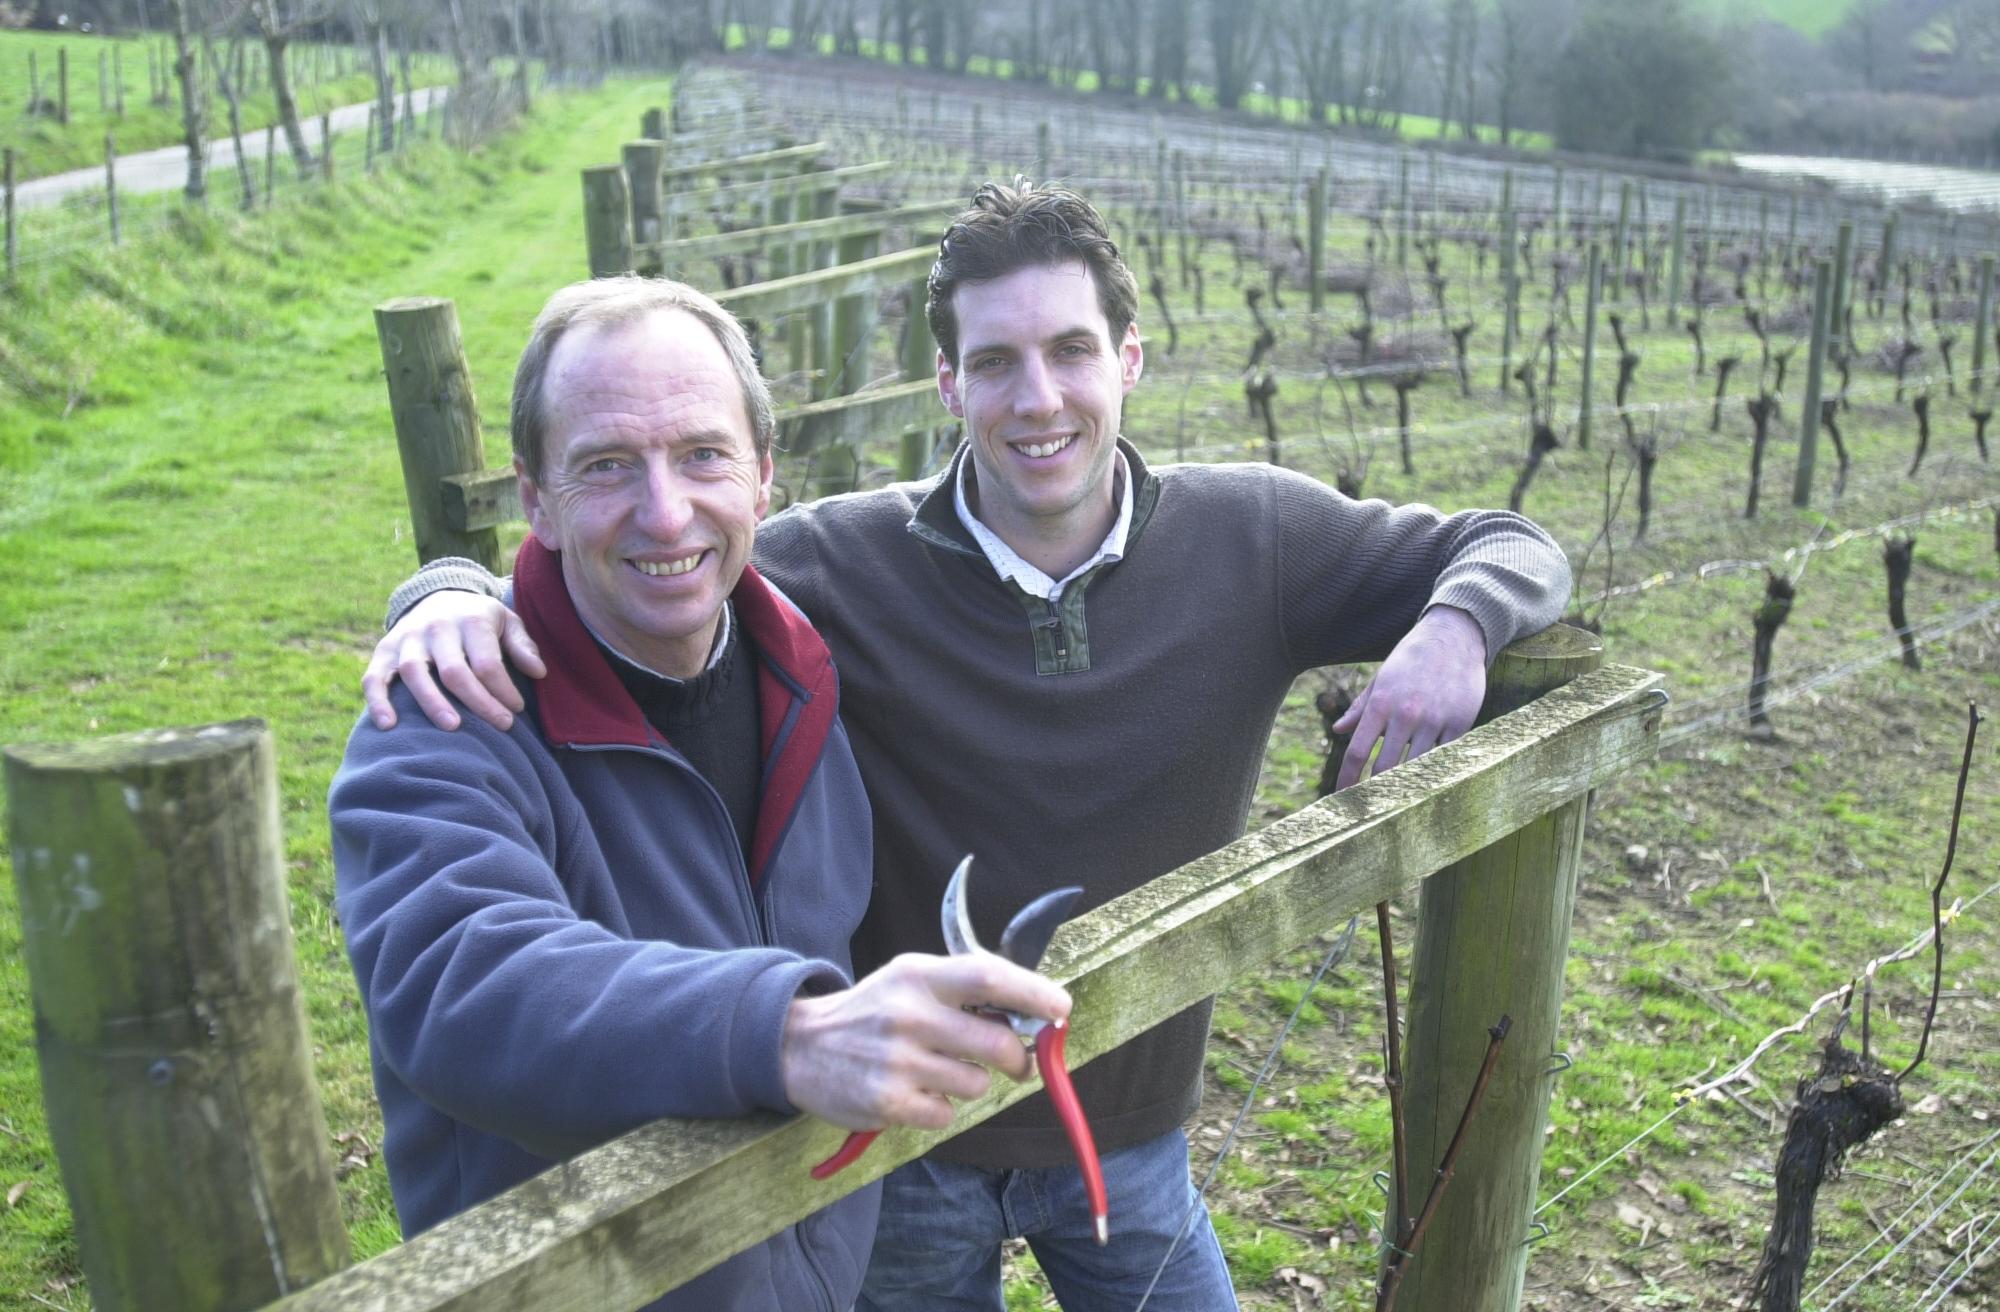 Bob & Sam in the Vineyard.jpg